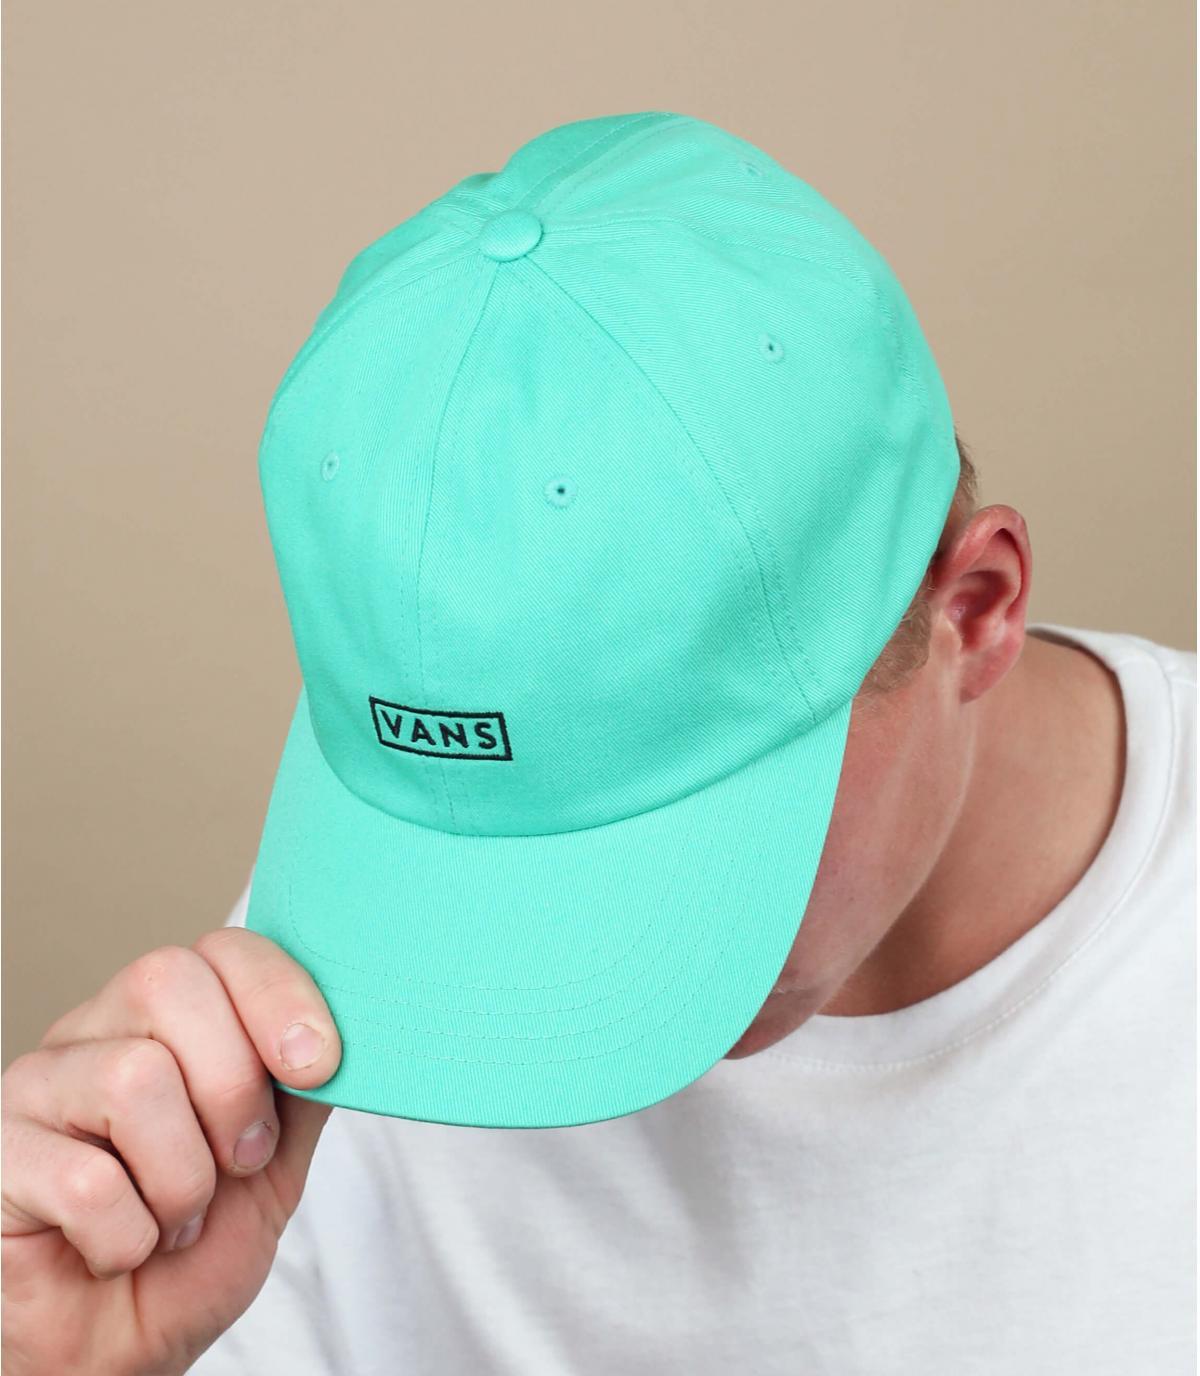 Turkoois blauwe Vans cap